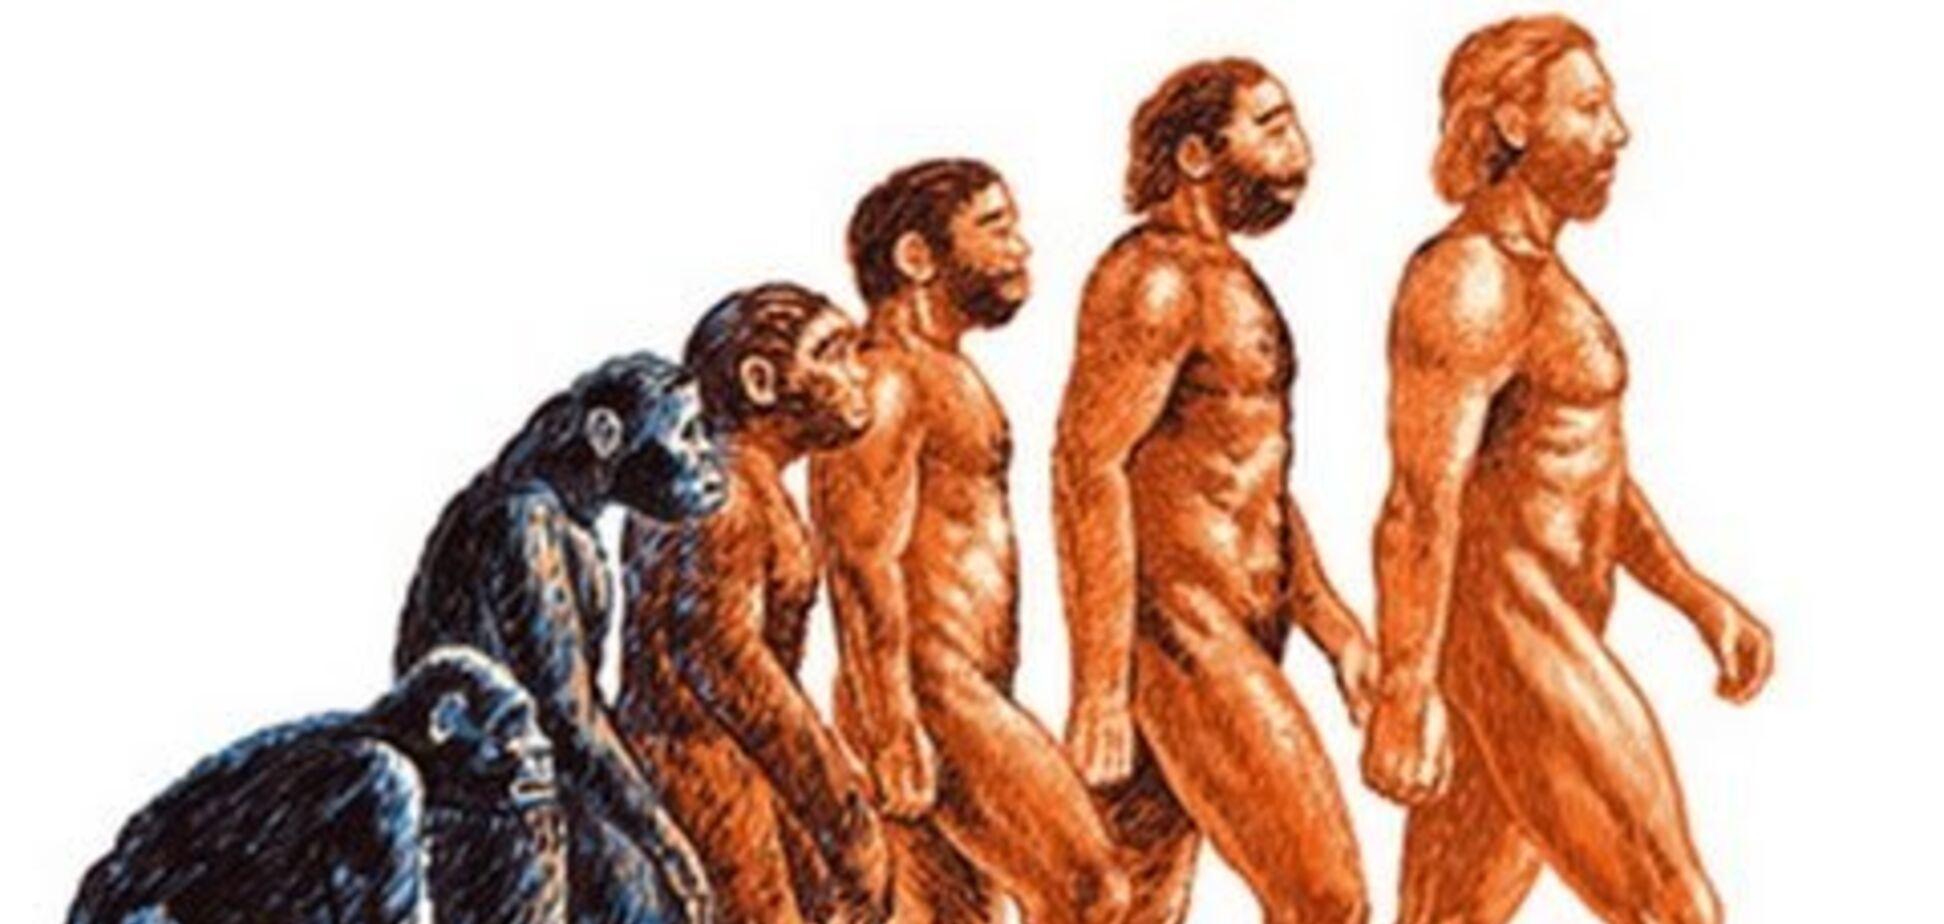 Вчені зробили сенсаційне відкриття про походження людини